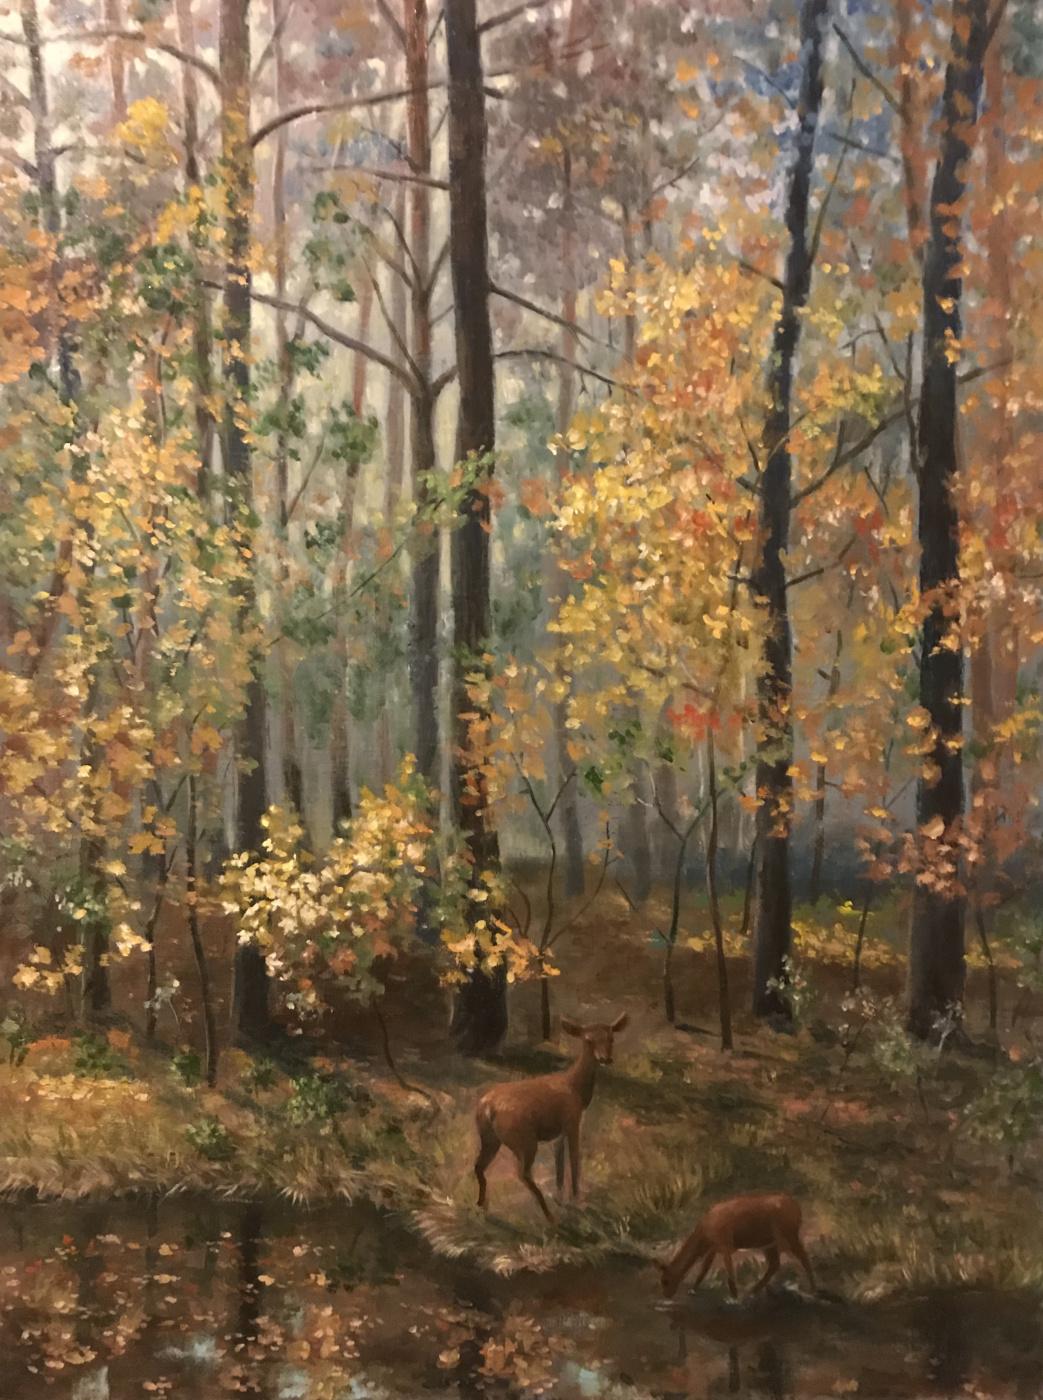 Yuri Gennadievich Piskunov. In the autumn forest